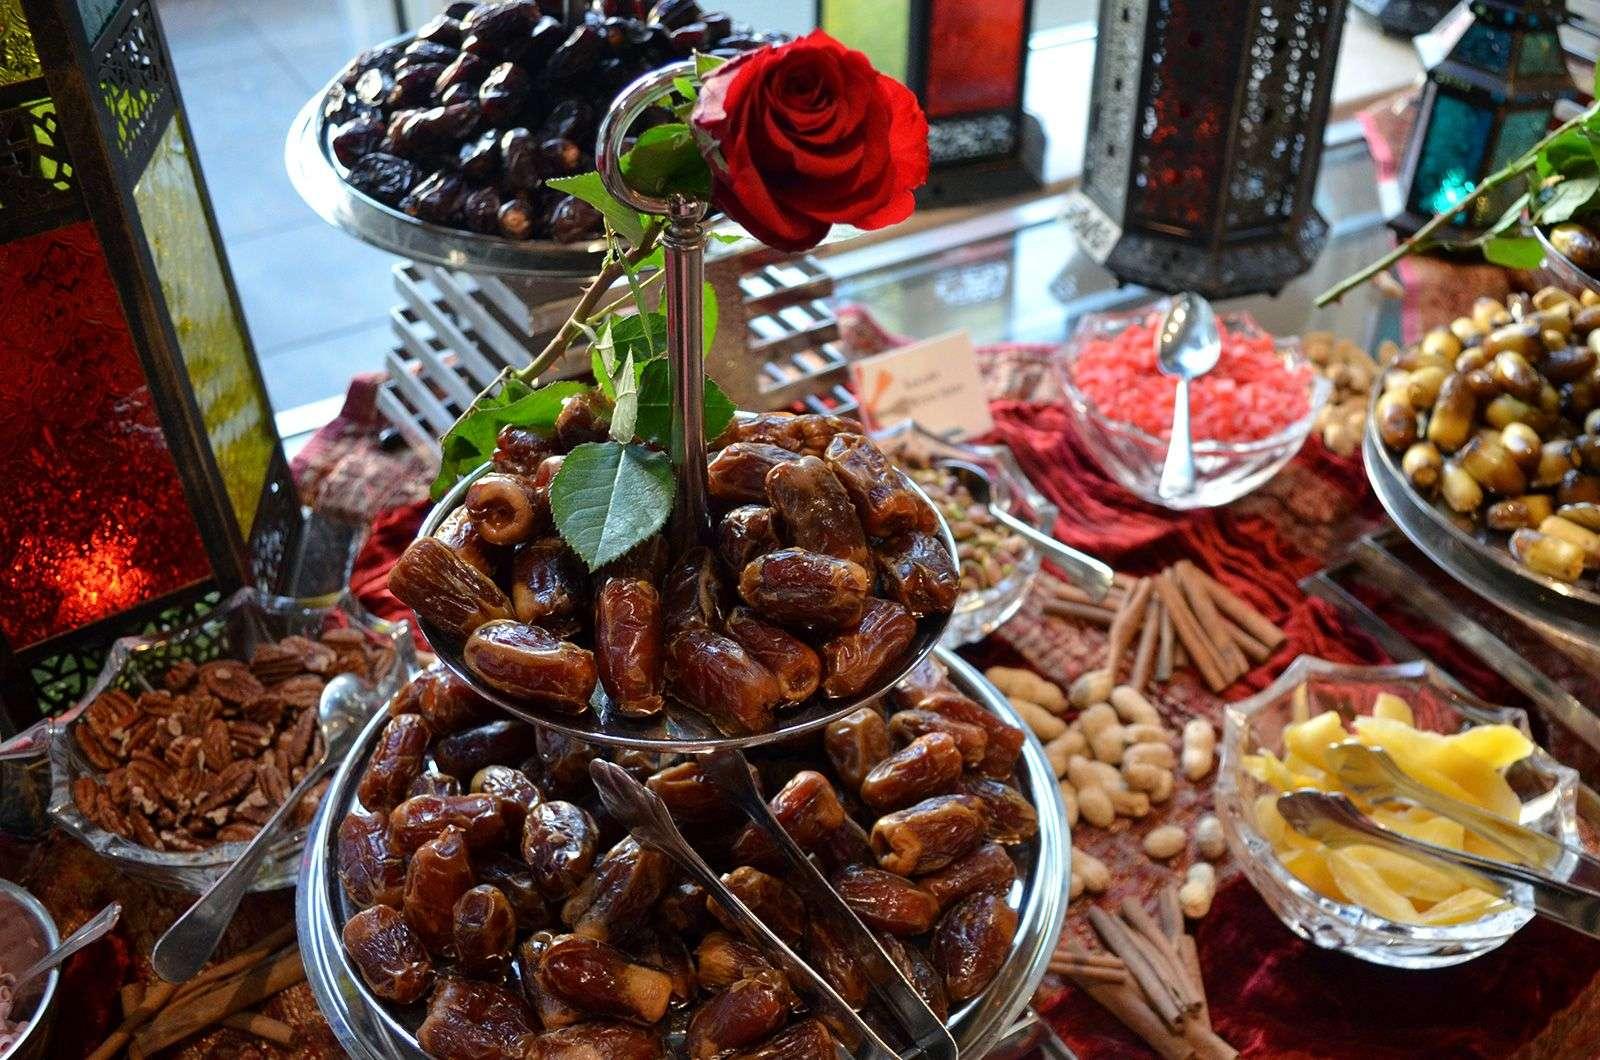 Ramazanski post uspješno liječi bolesti metabolizma, prevenira gojaznost i jača duh